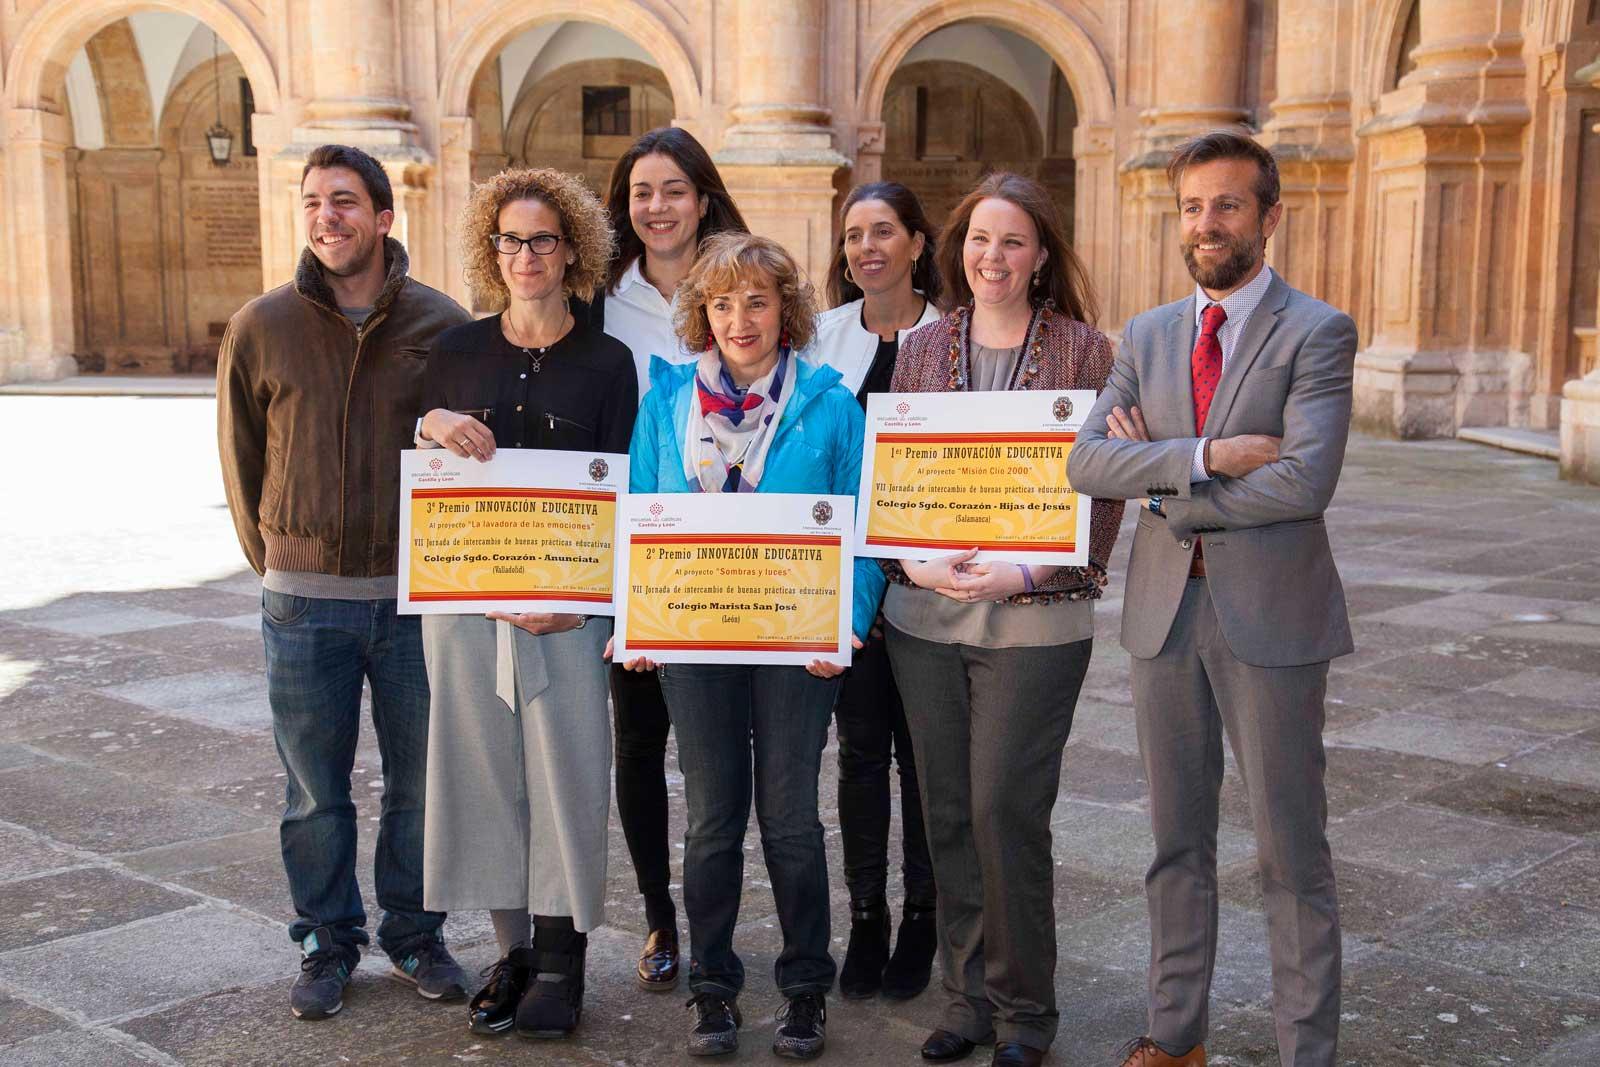 Galardonados del VI Premio de Buenas Prácticas Docentes de Innovación Educativa.